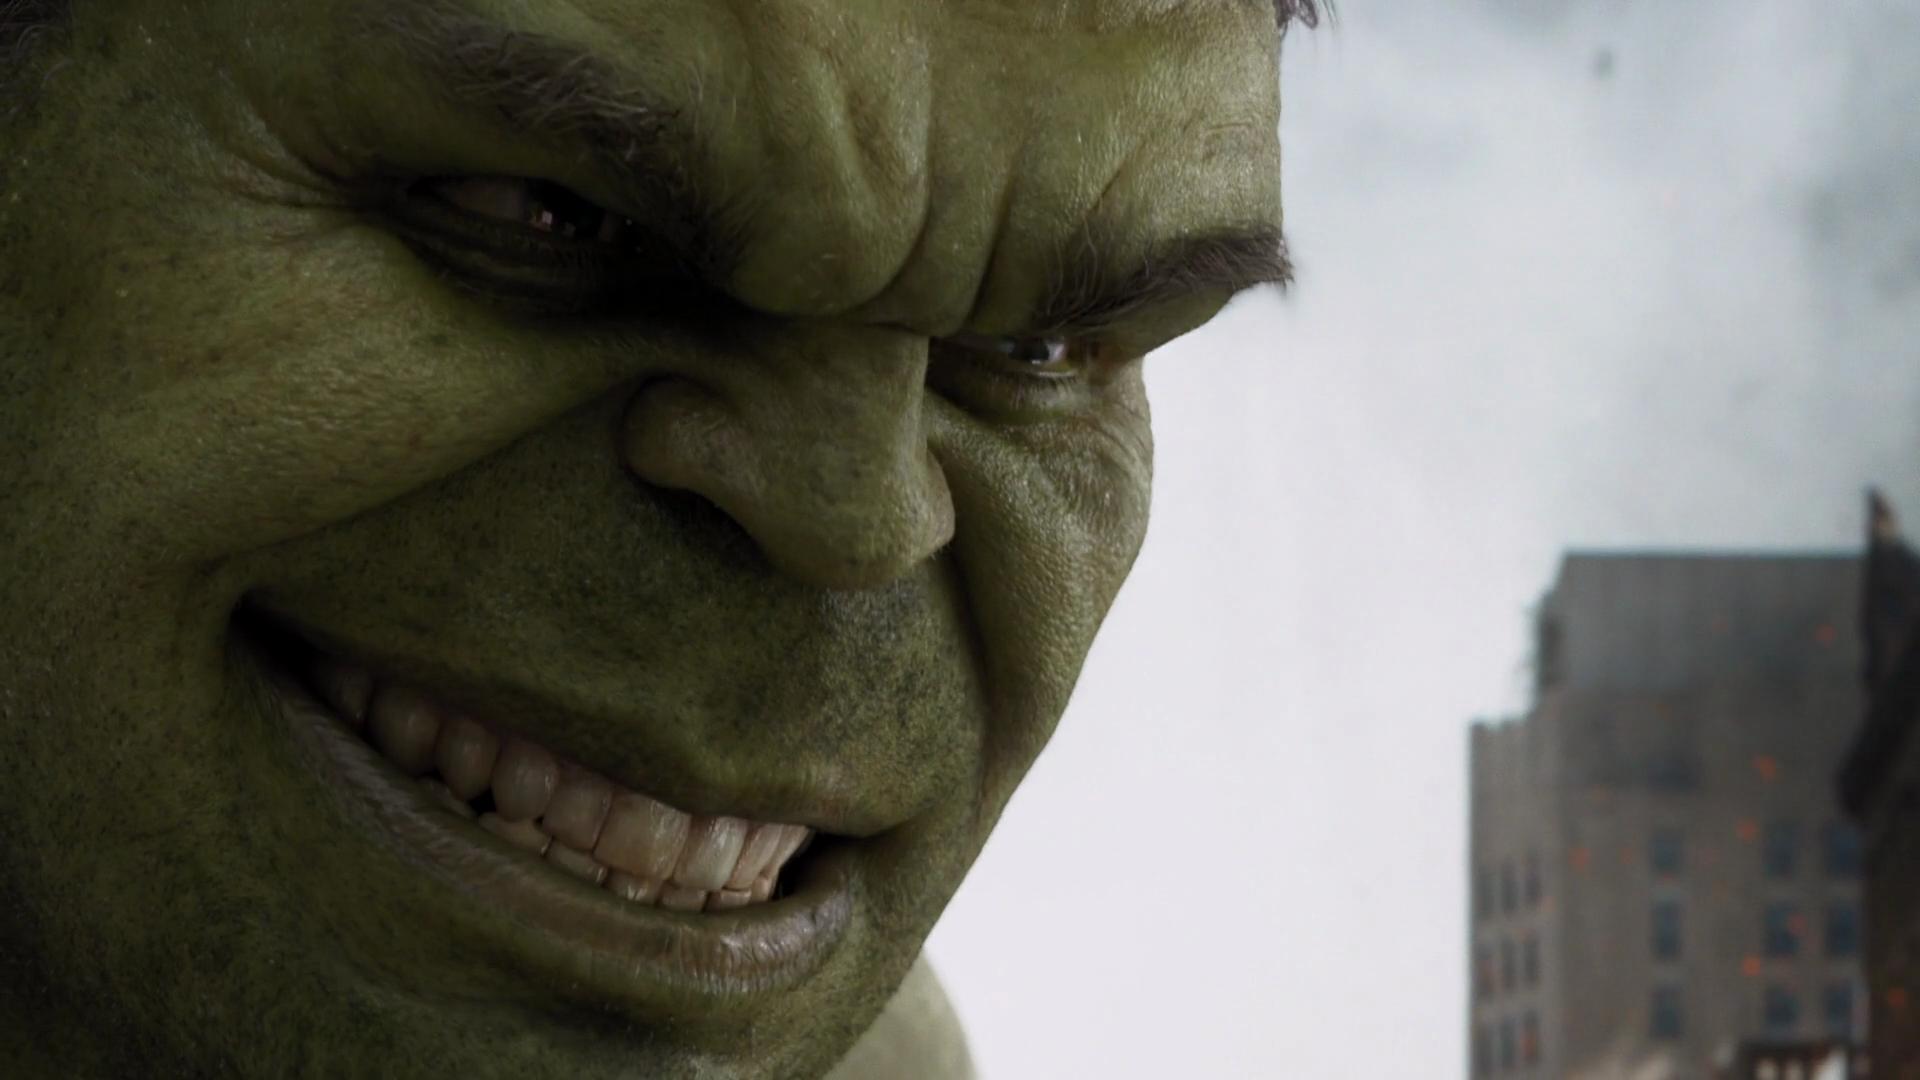 По словам Лу Ферриньо,после сиквела мстителей нас ожидает сольный фильм про Халка. - Изображение 1